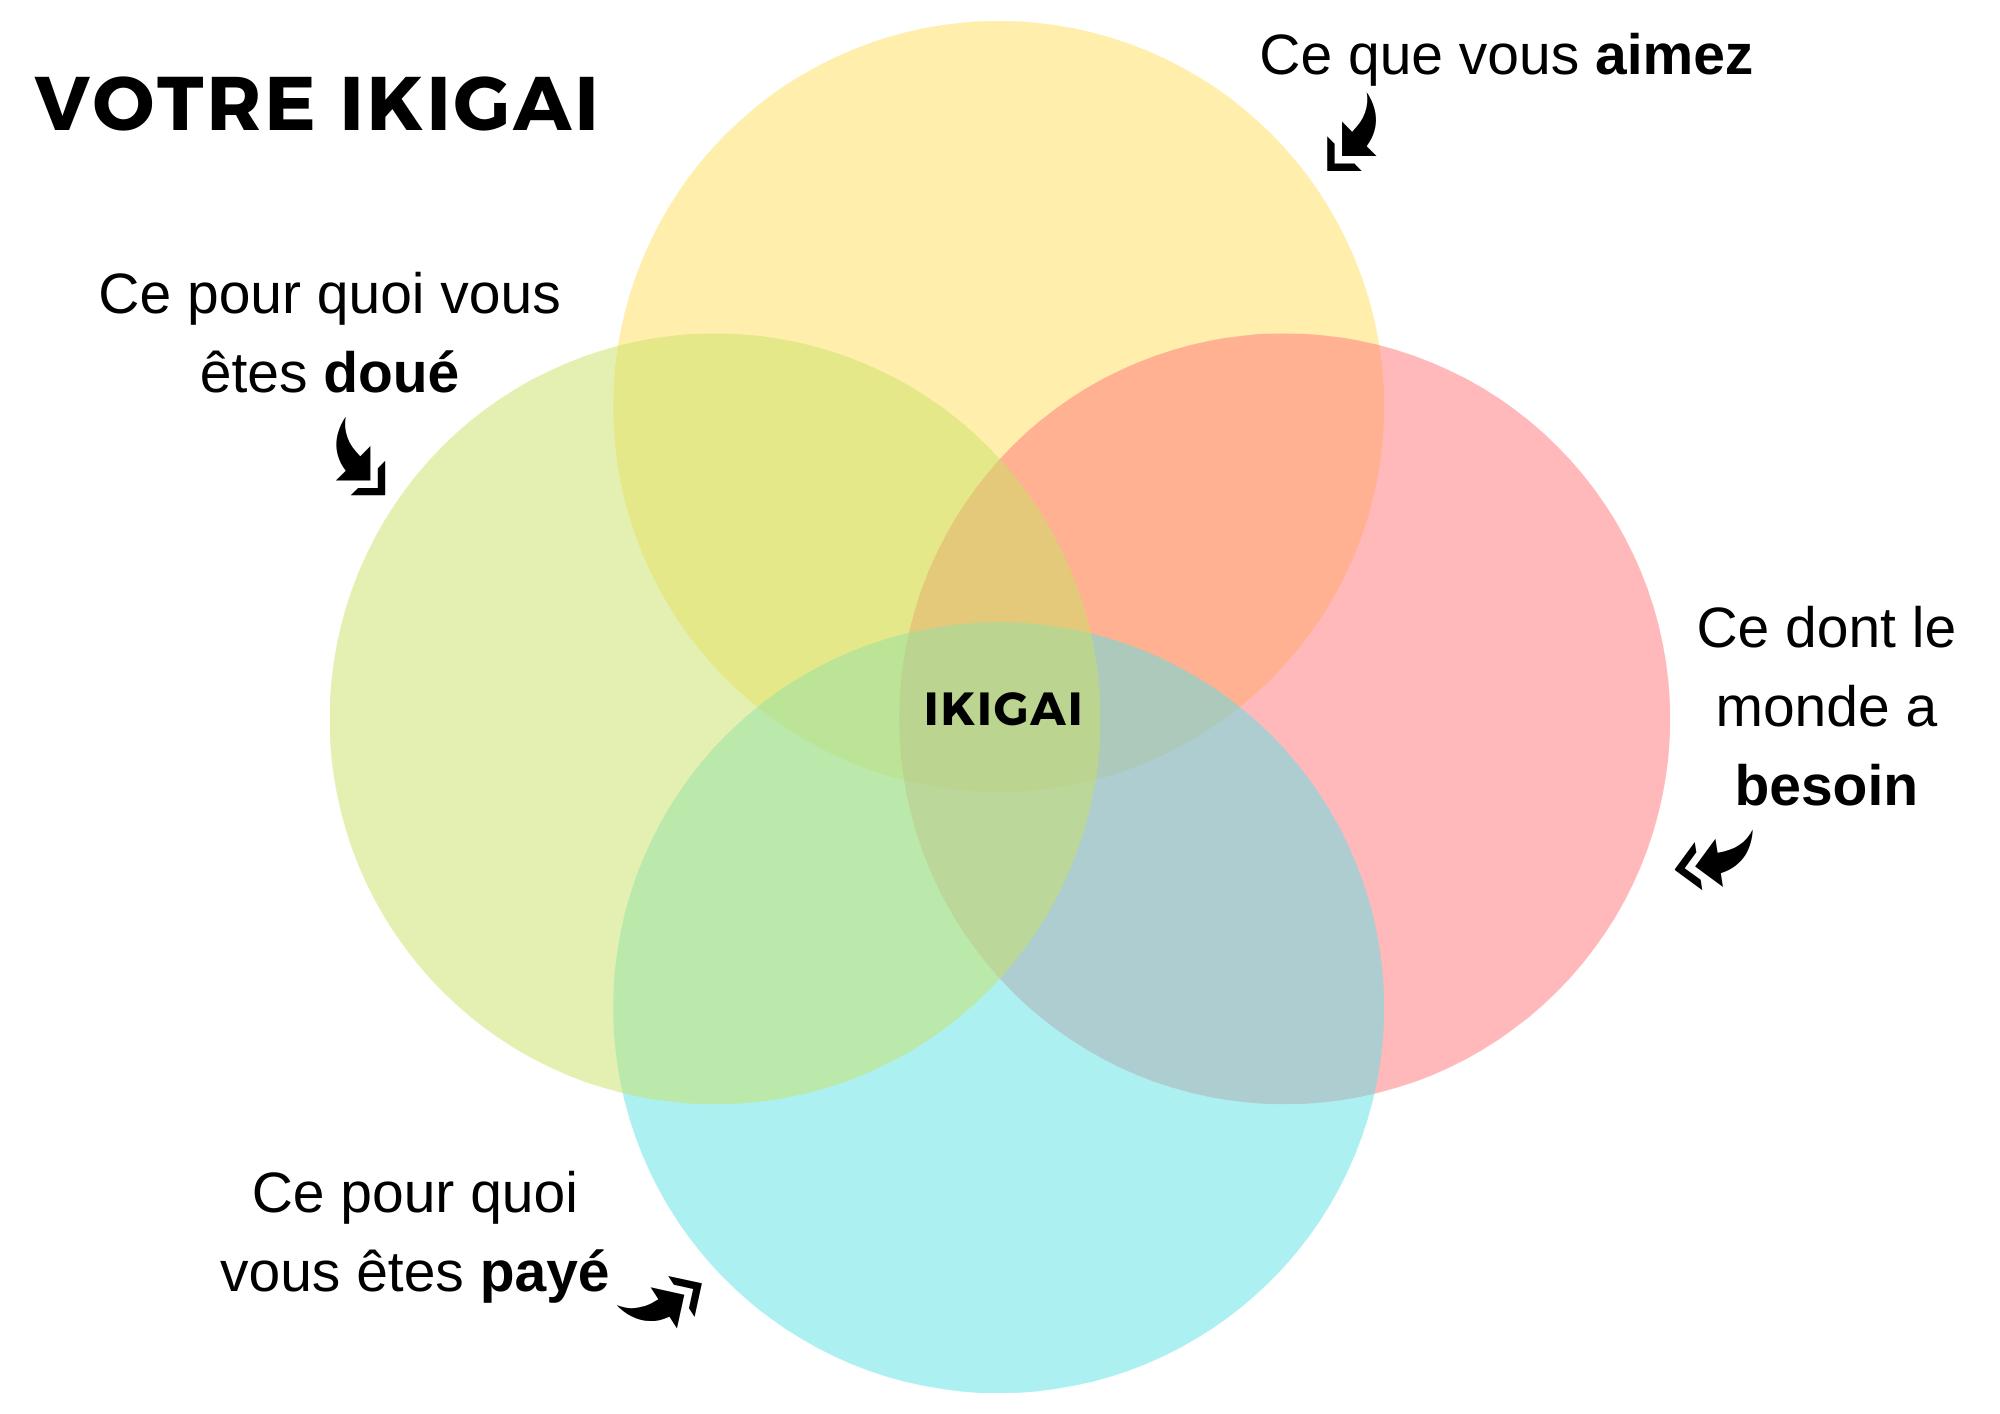 Modèle vierge de l'ikigai à compléter